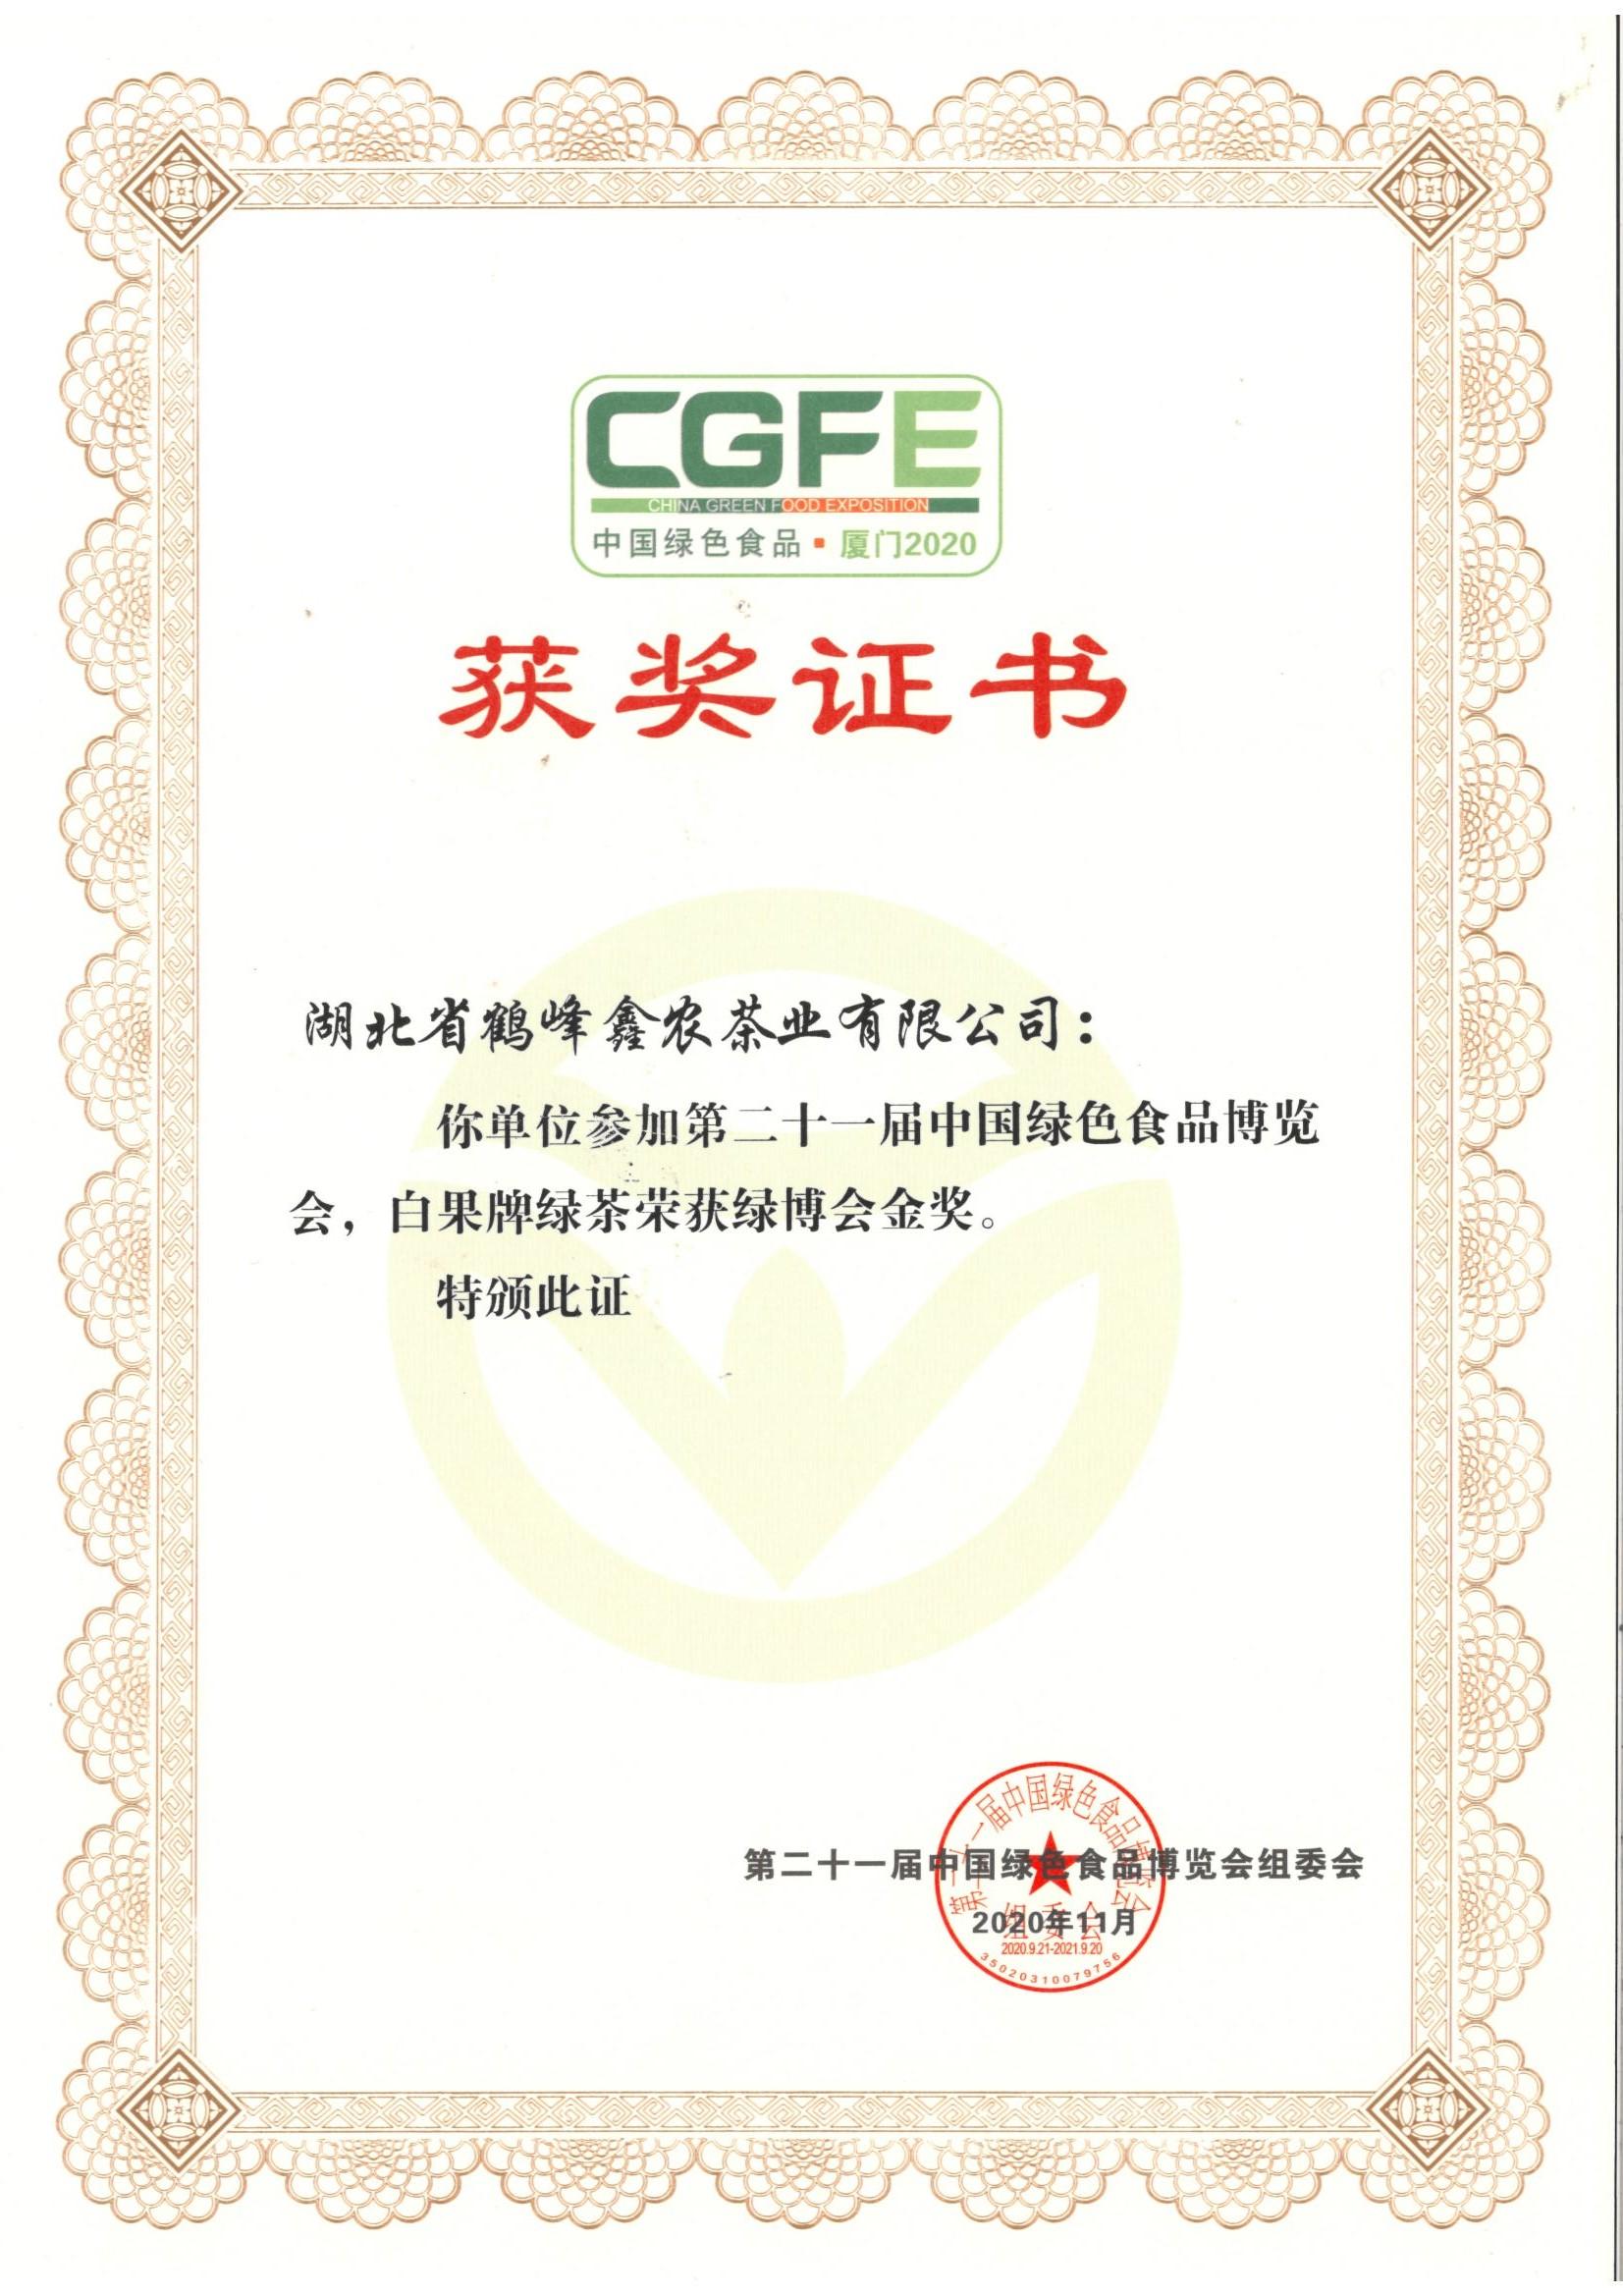 第二十一屆中國綠色食品博覽會金獎